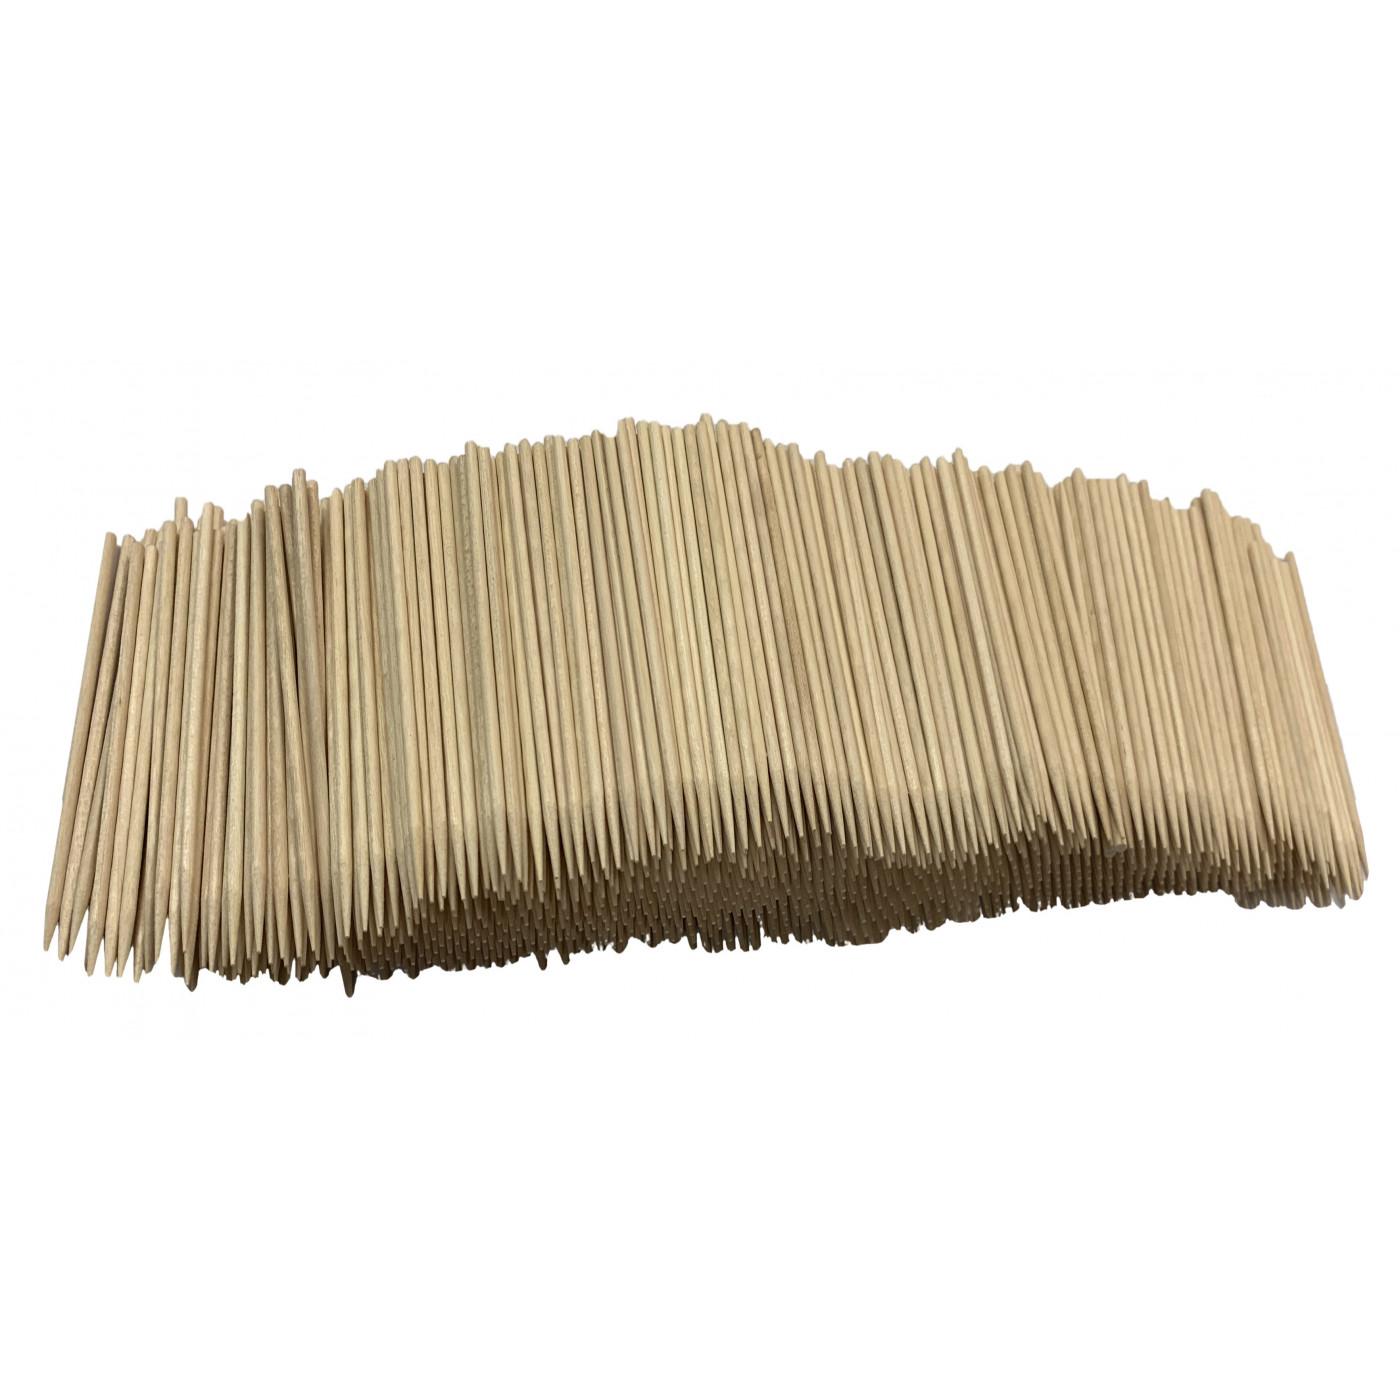 Set van 1500 houten stokjes (2.5 mm x 11 cm)  - 1